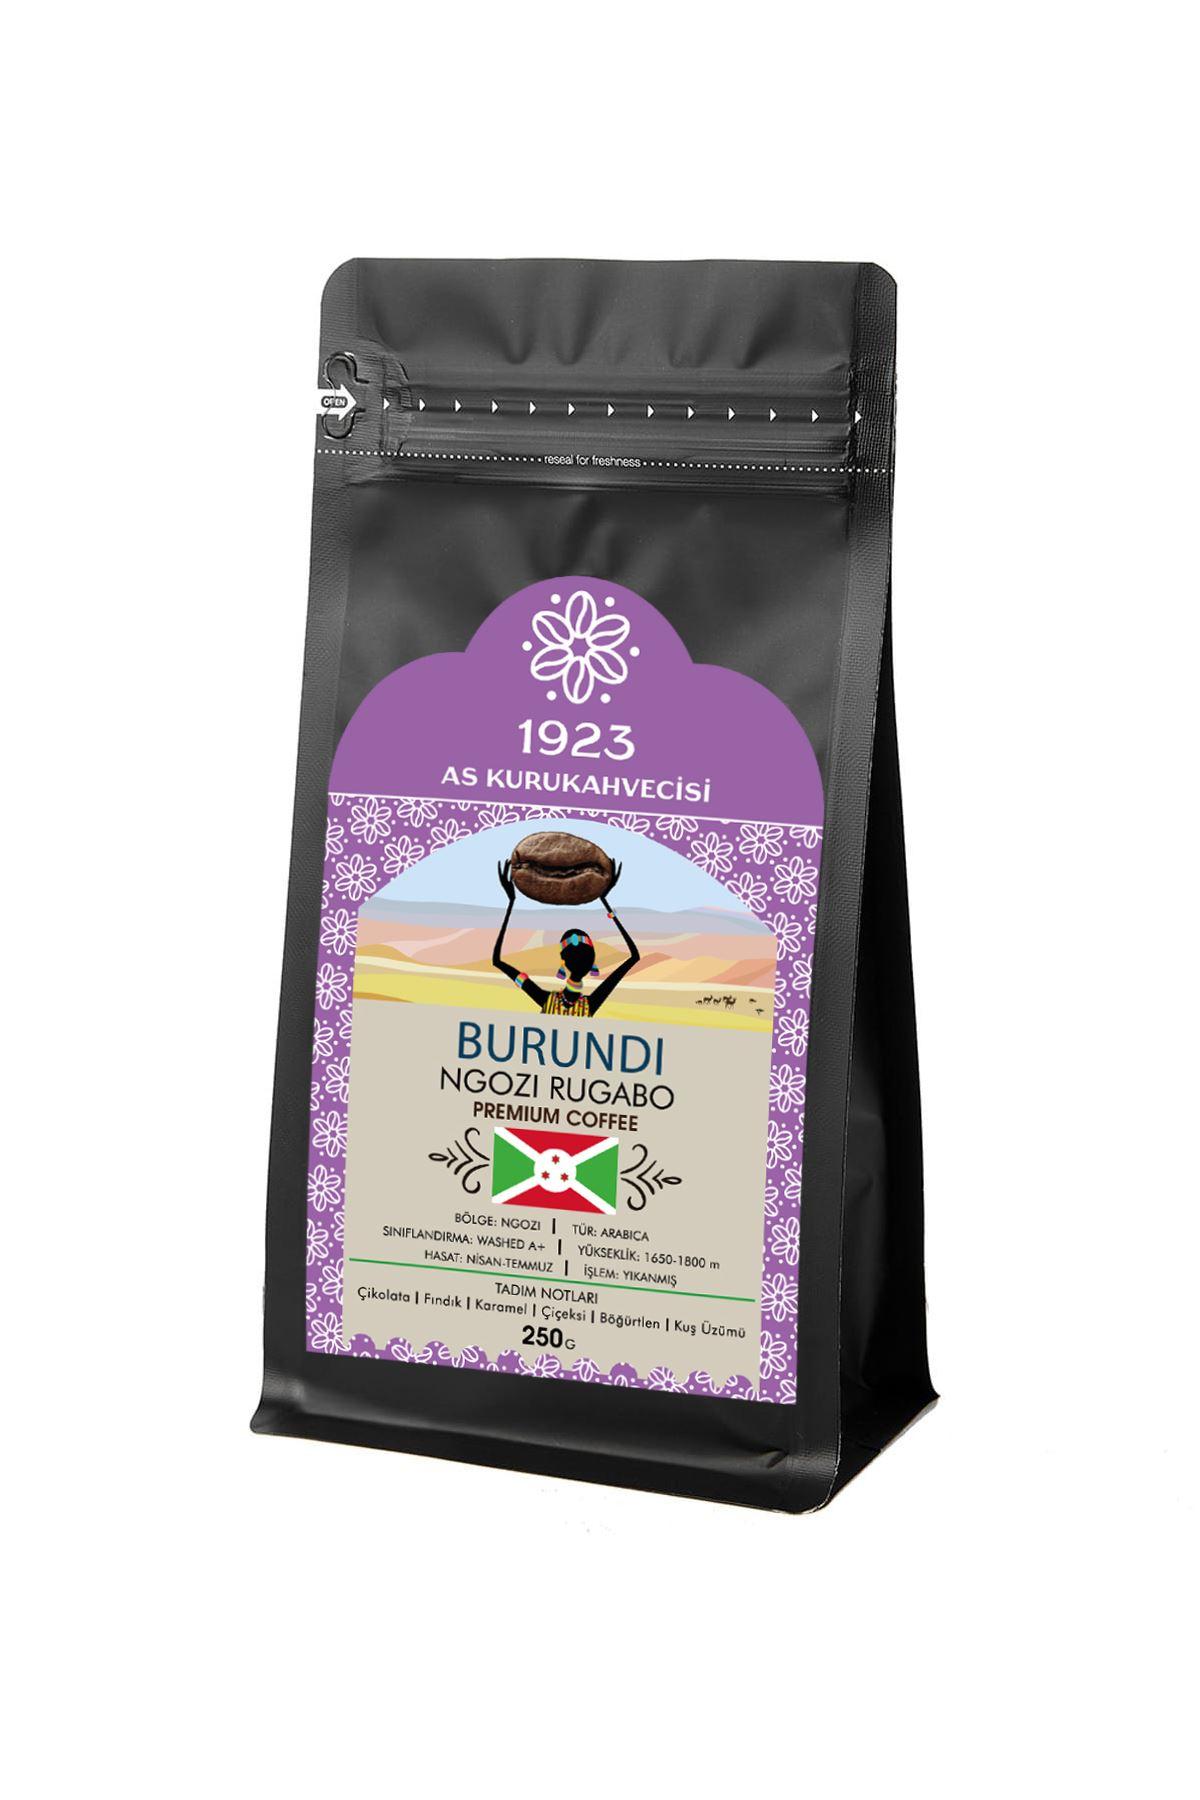 Burundi Ngozi Rugabo Filtre Kahve 250 gr.